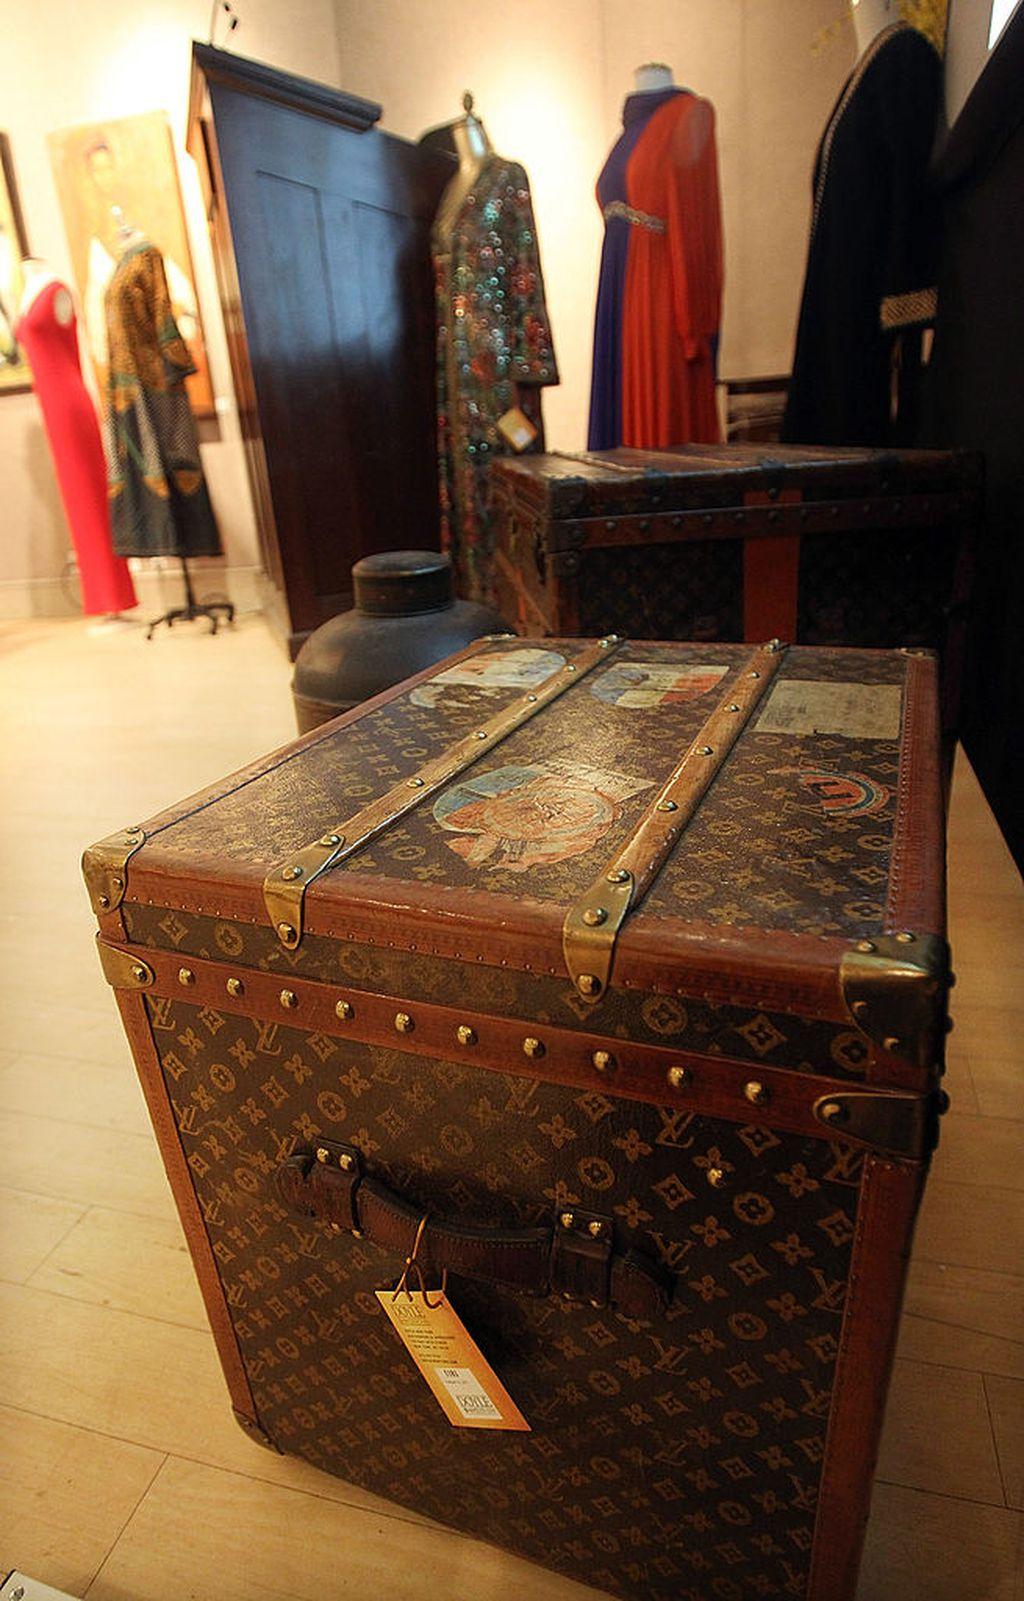 Stari putni Louis Vuitton sanduci koji su poslužili kao inspiracija za Petite Malle torbice